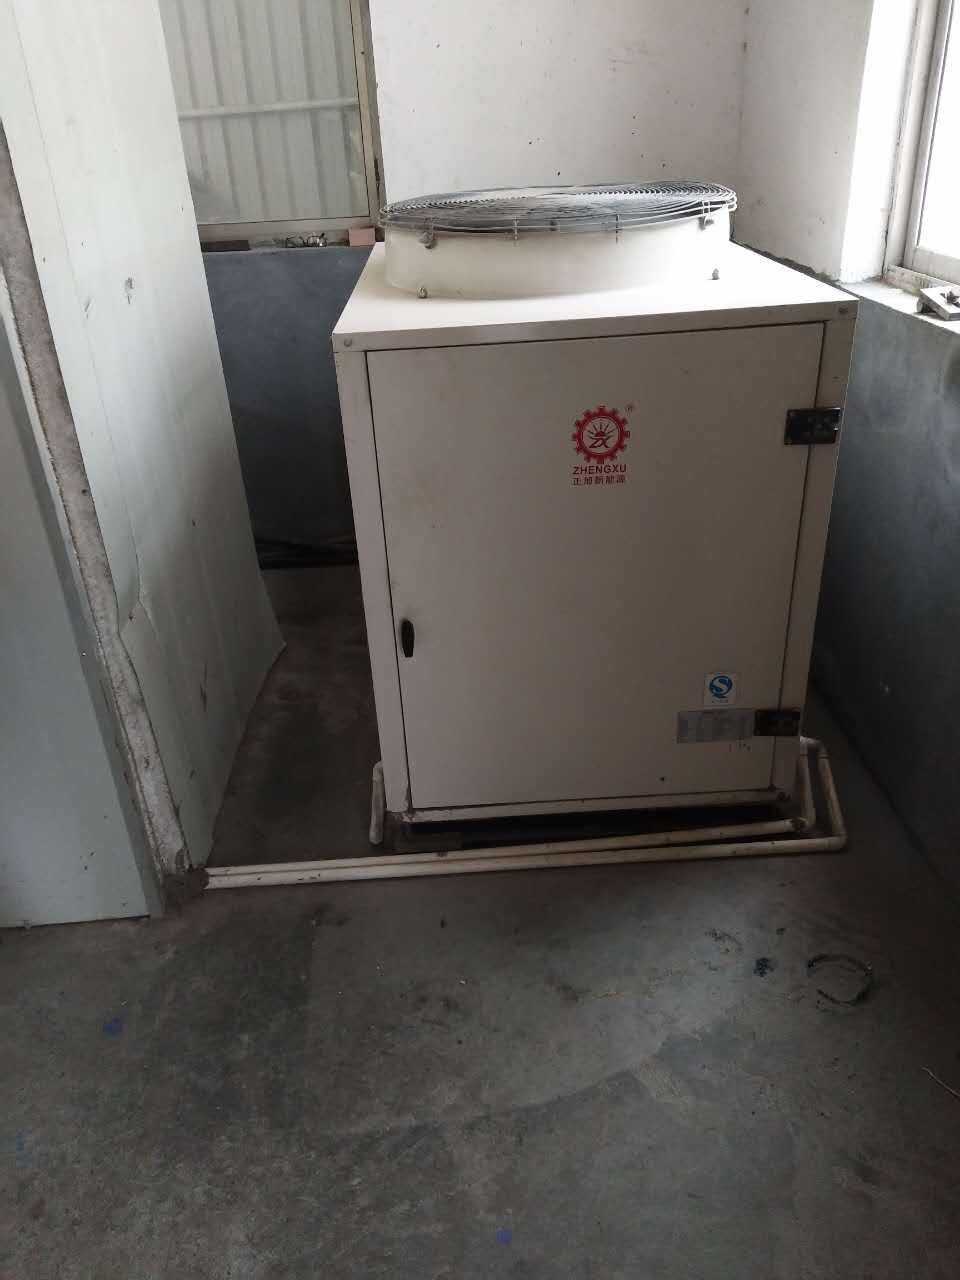 浙江富阳明悦纸管厂热泵烘干项目